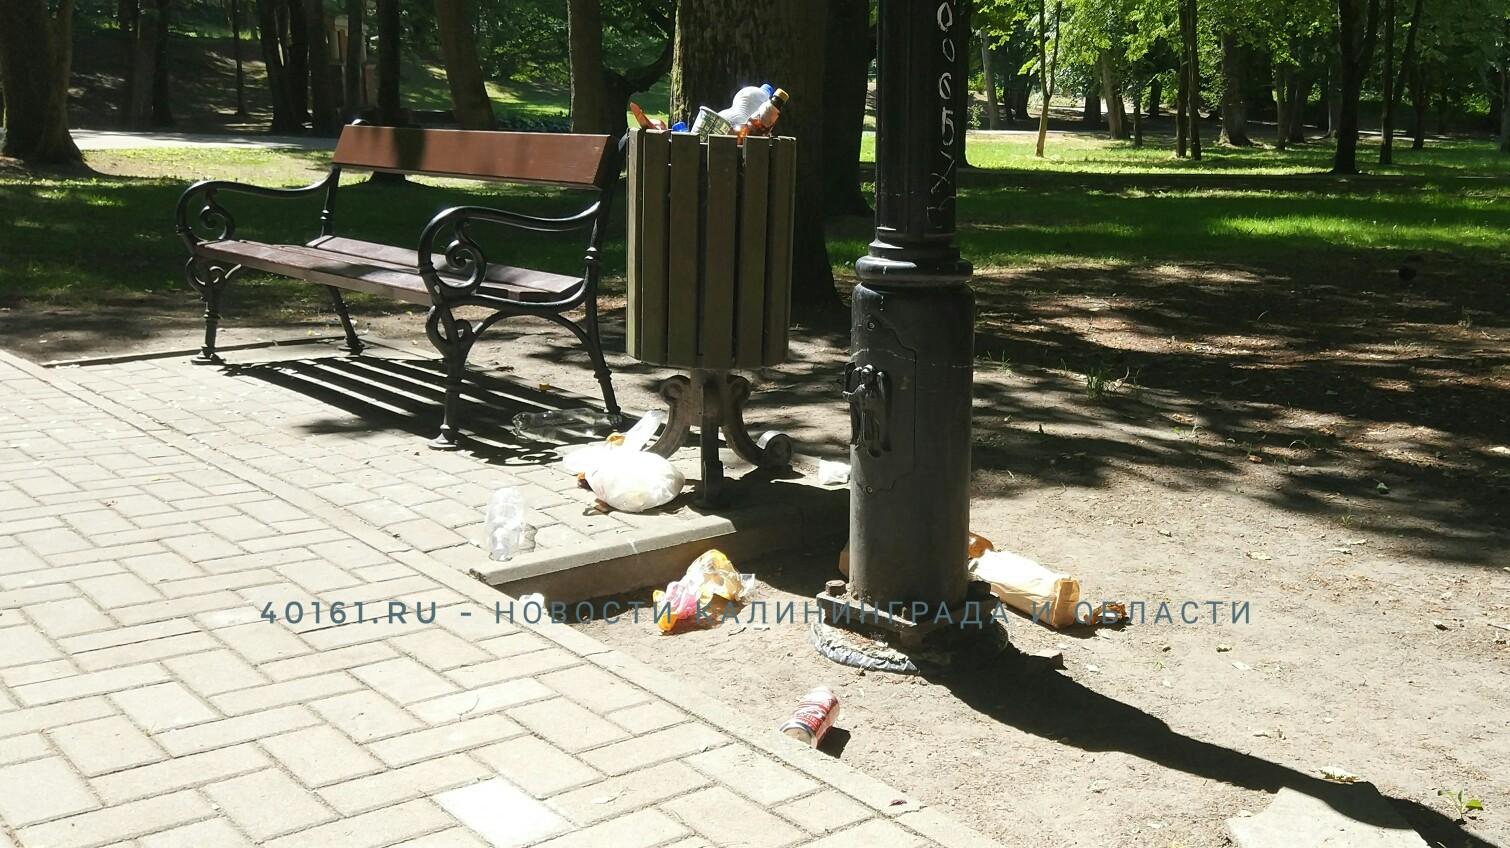 «Впечатление, что в выходные мусор не вывозится»: что происходит в Советске?